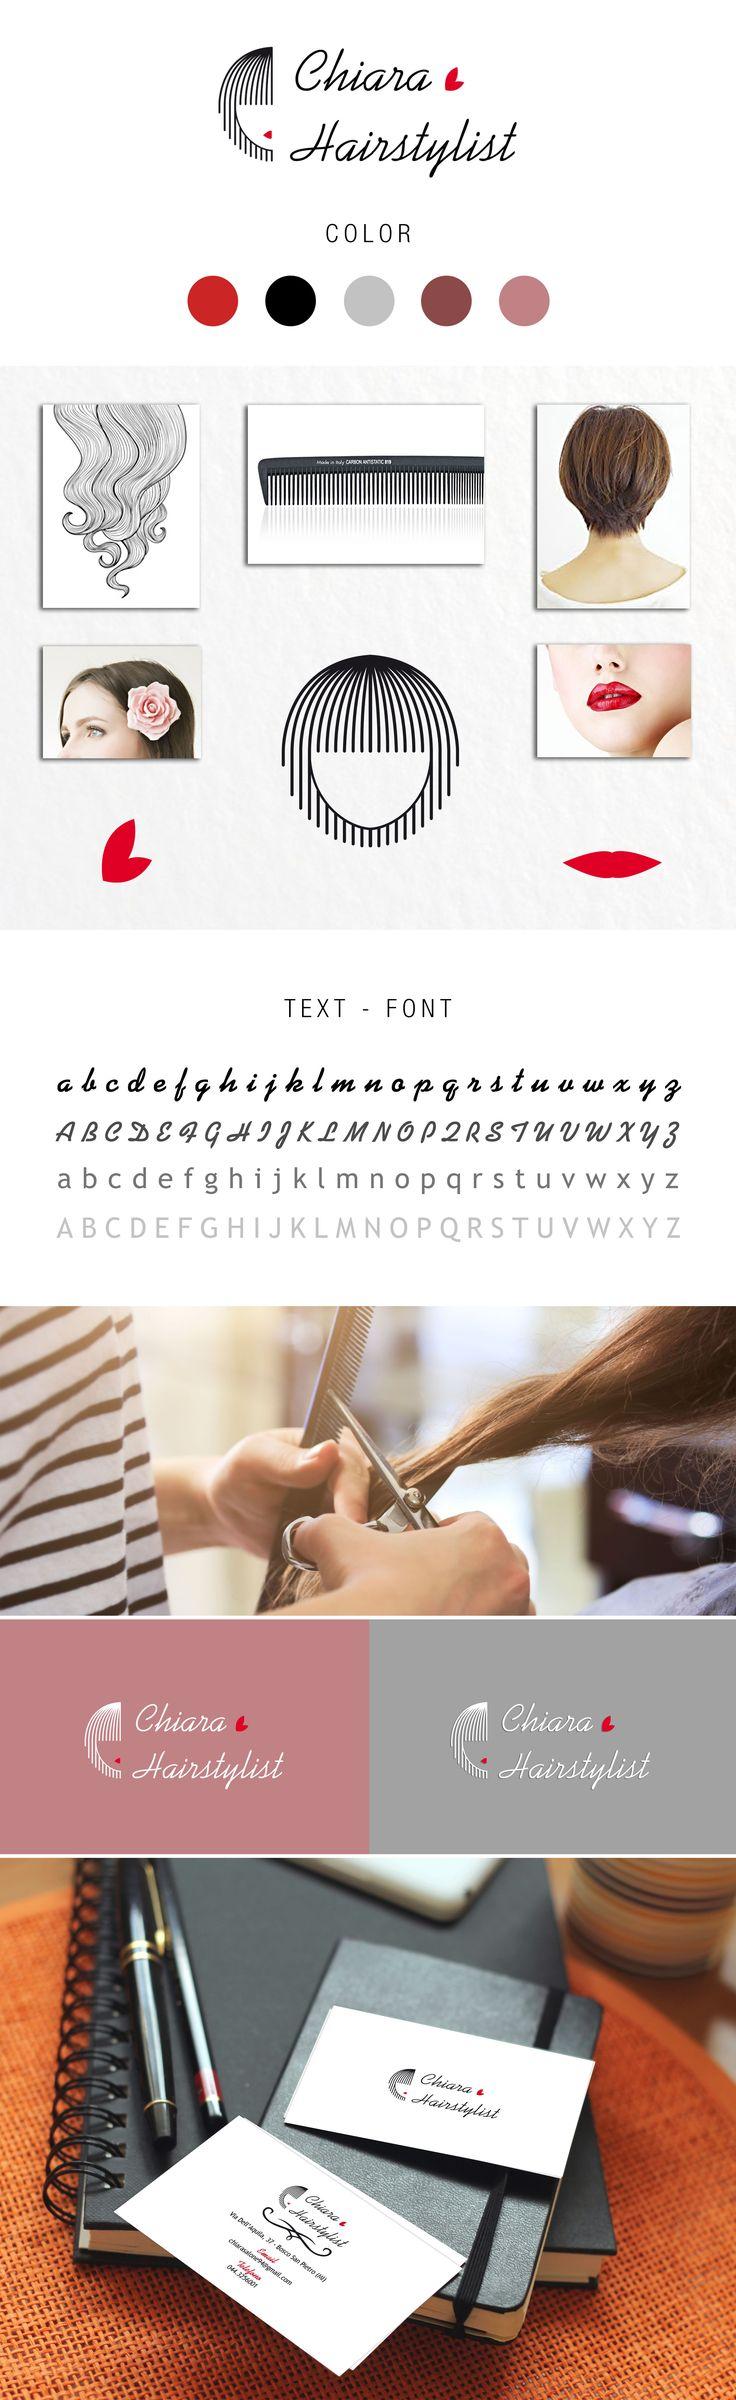 #grafichenuovatipografia #grafiche #nuova #tipografia #logo #coordinamento ##loghi #presentazione #parrucchiera #hairstylist #hair #stylist #style #business #card #bv #bigliettodavisita #red #black #nero #rosso #Concept #packaging